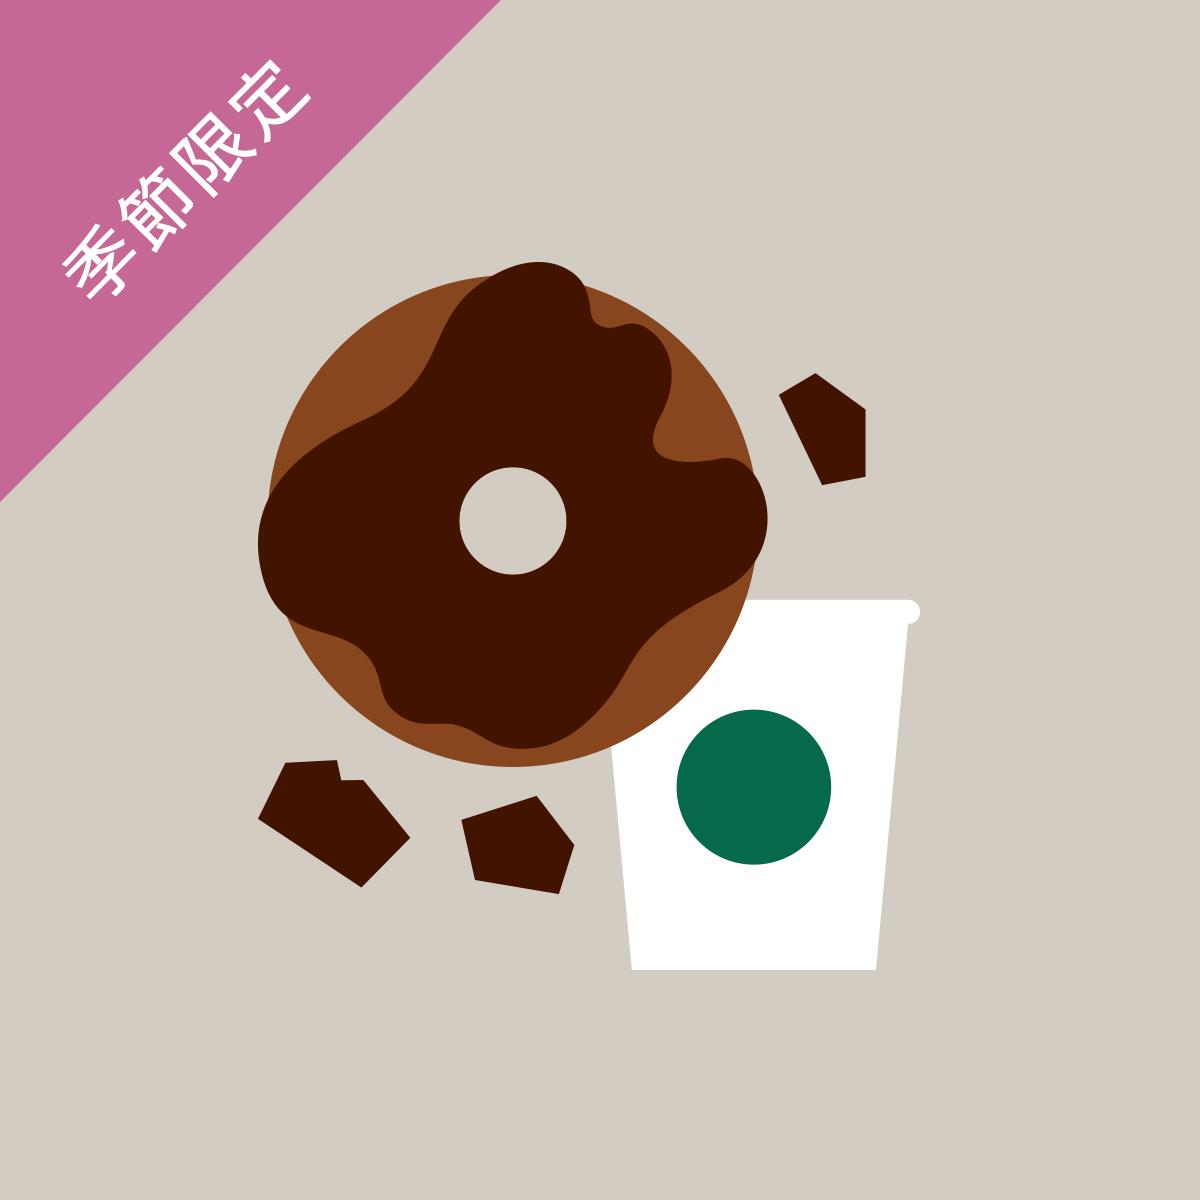 フードペアリング Coffee Meets Chocolate編